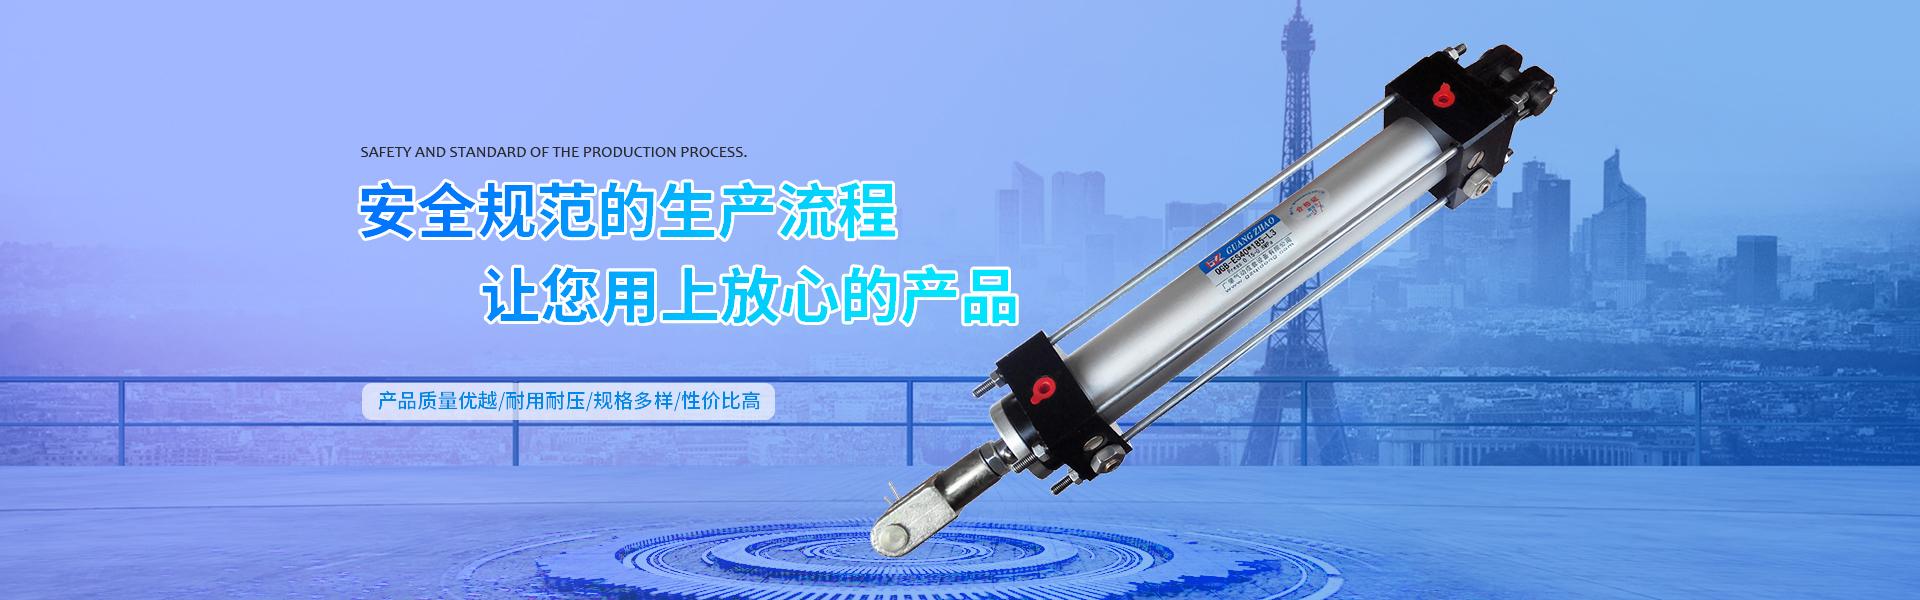 肇庆市广肇气动成套设备-肇庆气动,气动元件,电磁阀,三联体!